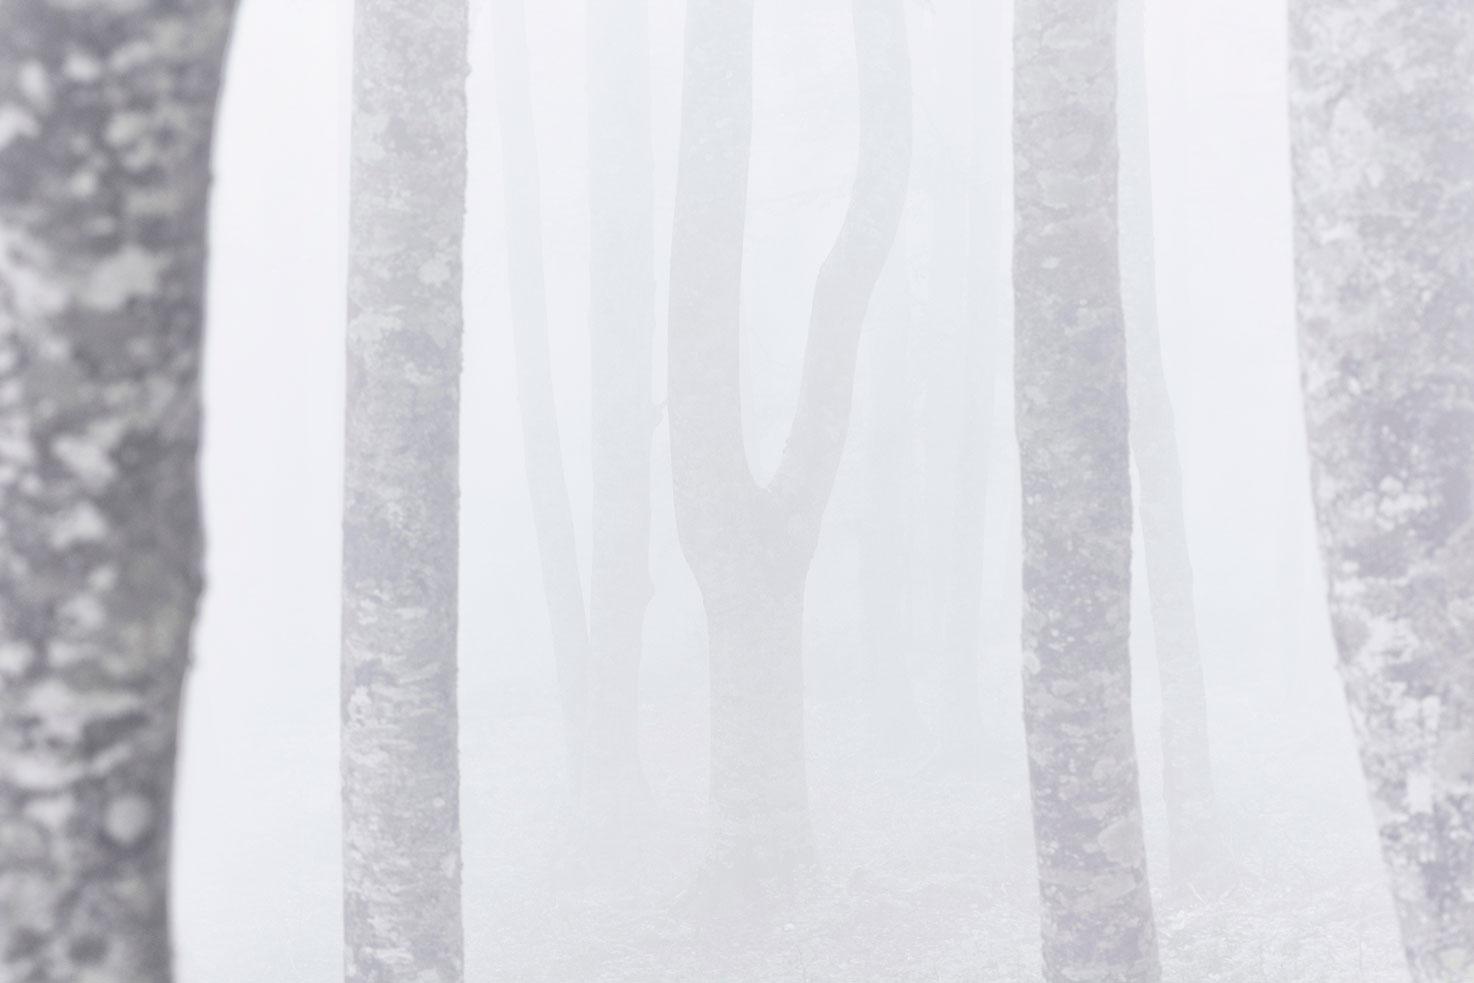 espectros en la niebla - Archivo - Iñaki Larrea, Fotografía de naturaleza y montaña